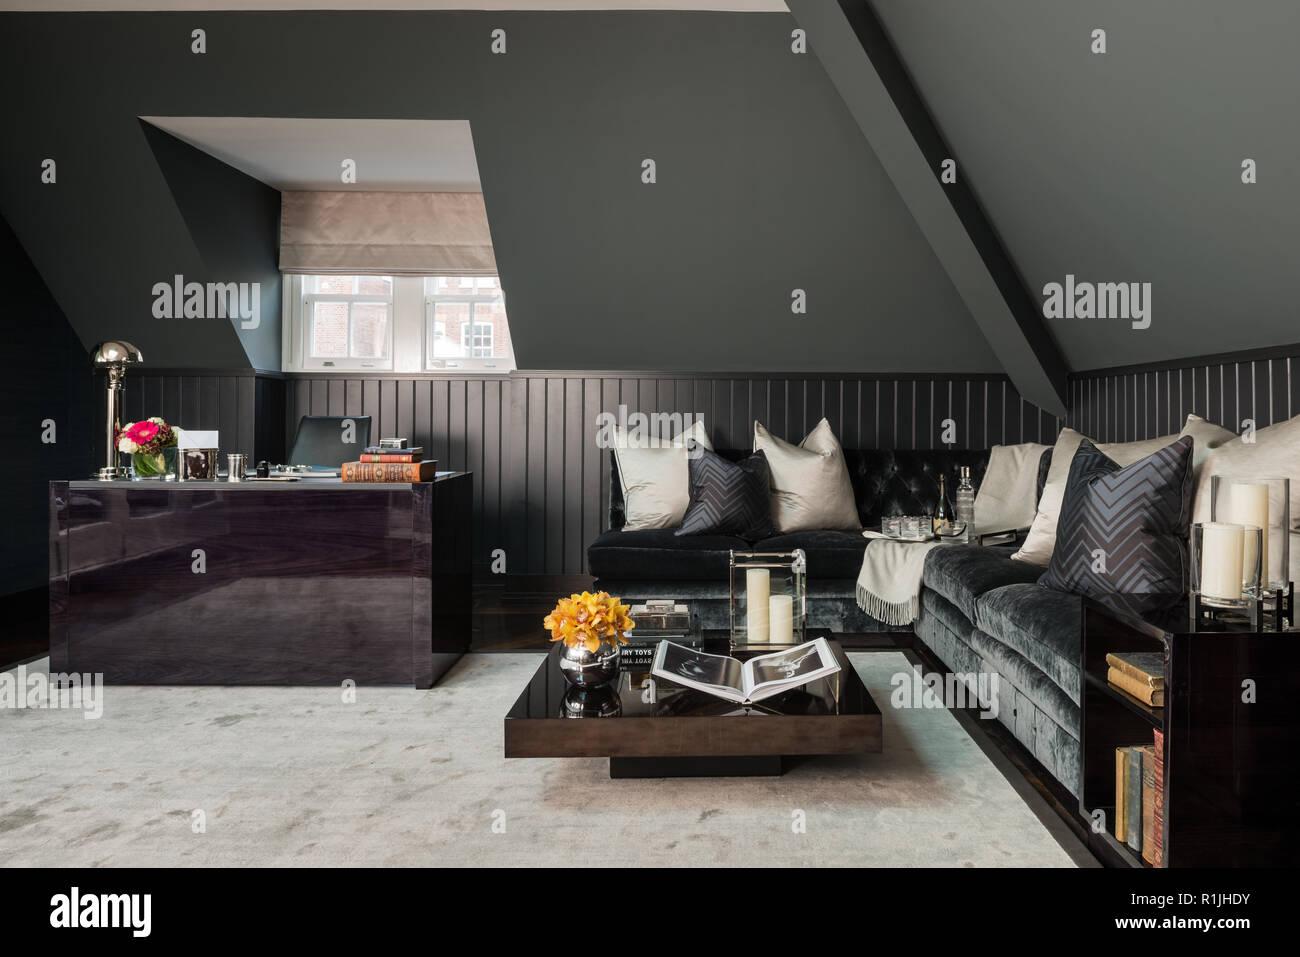 Schwarz Wohnzimmer mit Schreibtisch Stockfoto, Bild ...